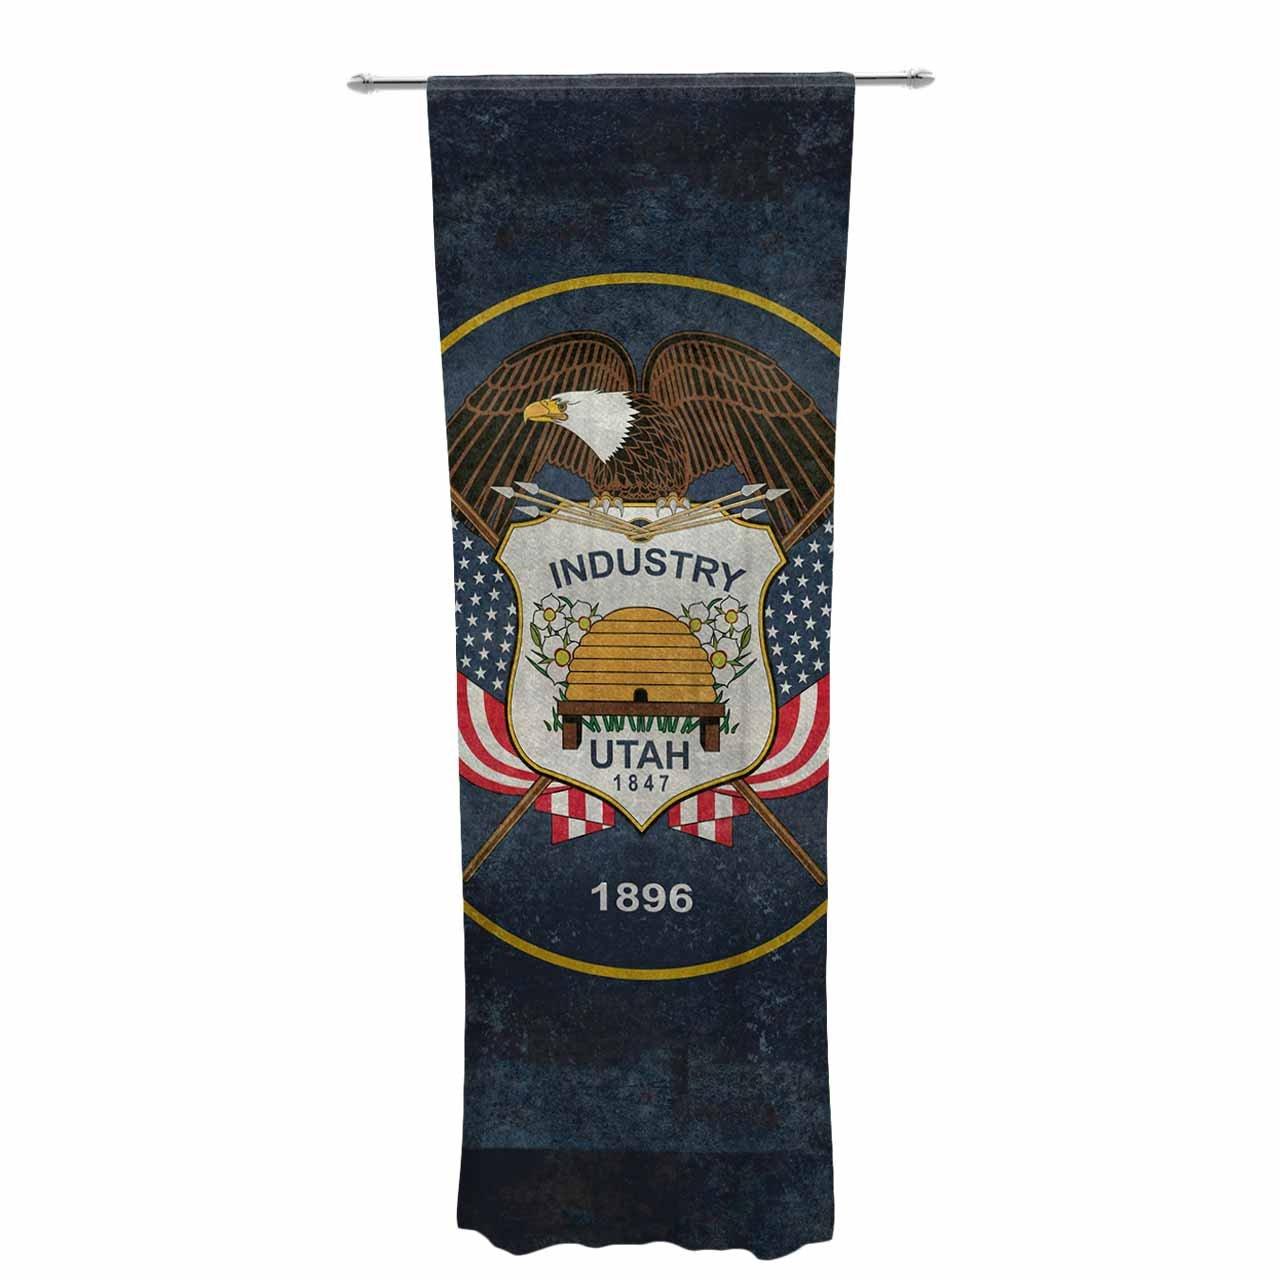 Kess InHouse Bruce Stanfield Vintage Utah Sheer Curtains 30 x 84